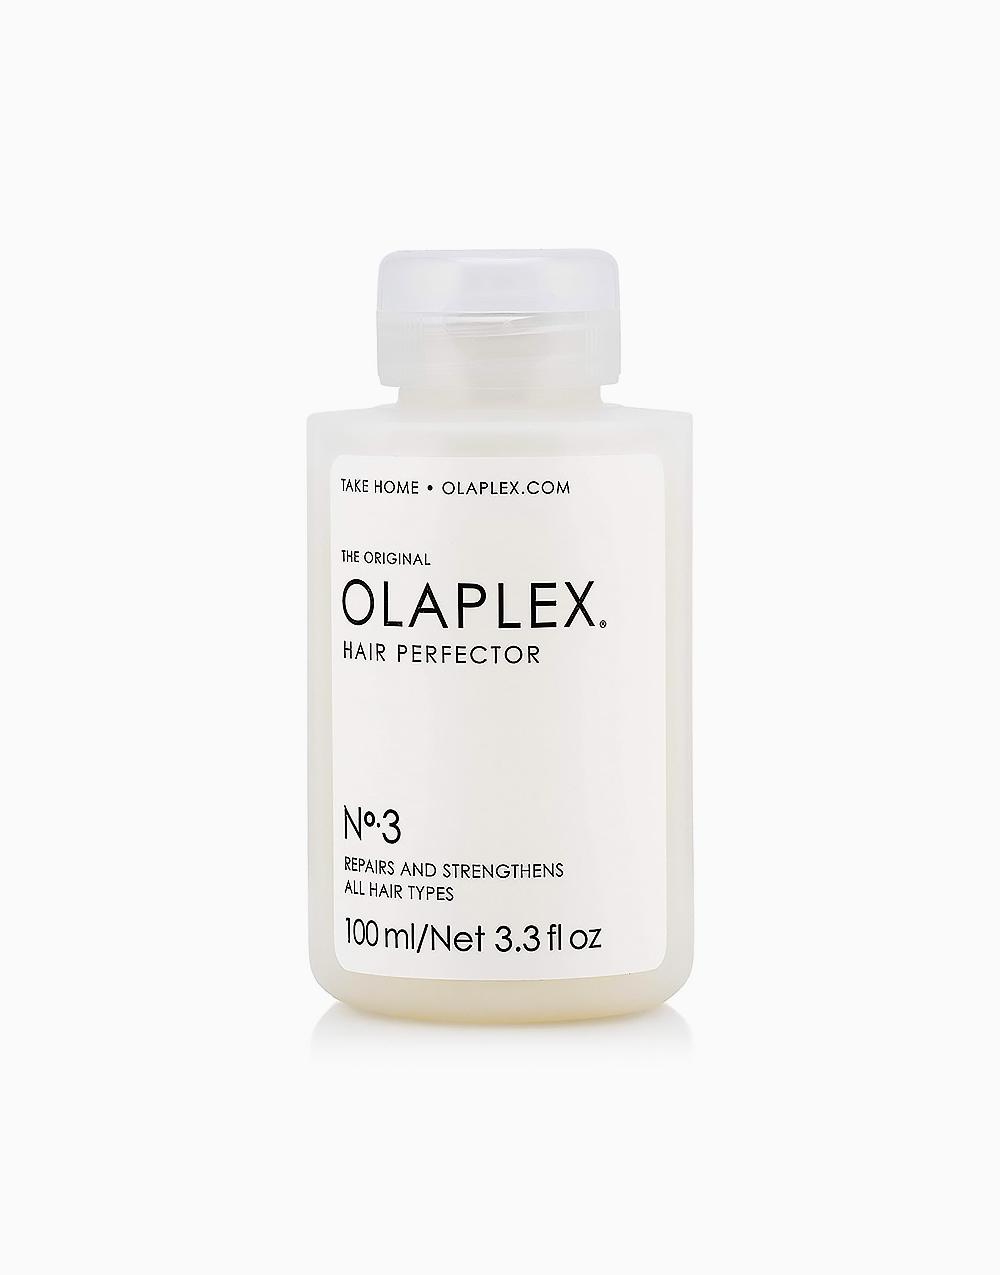 No. 3 Hair Perfector (100ml) by Olaplex